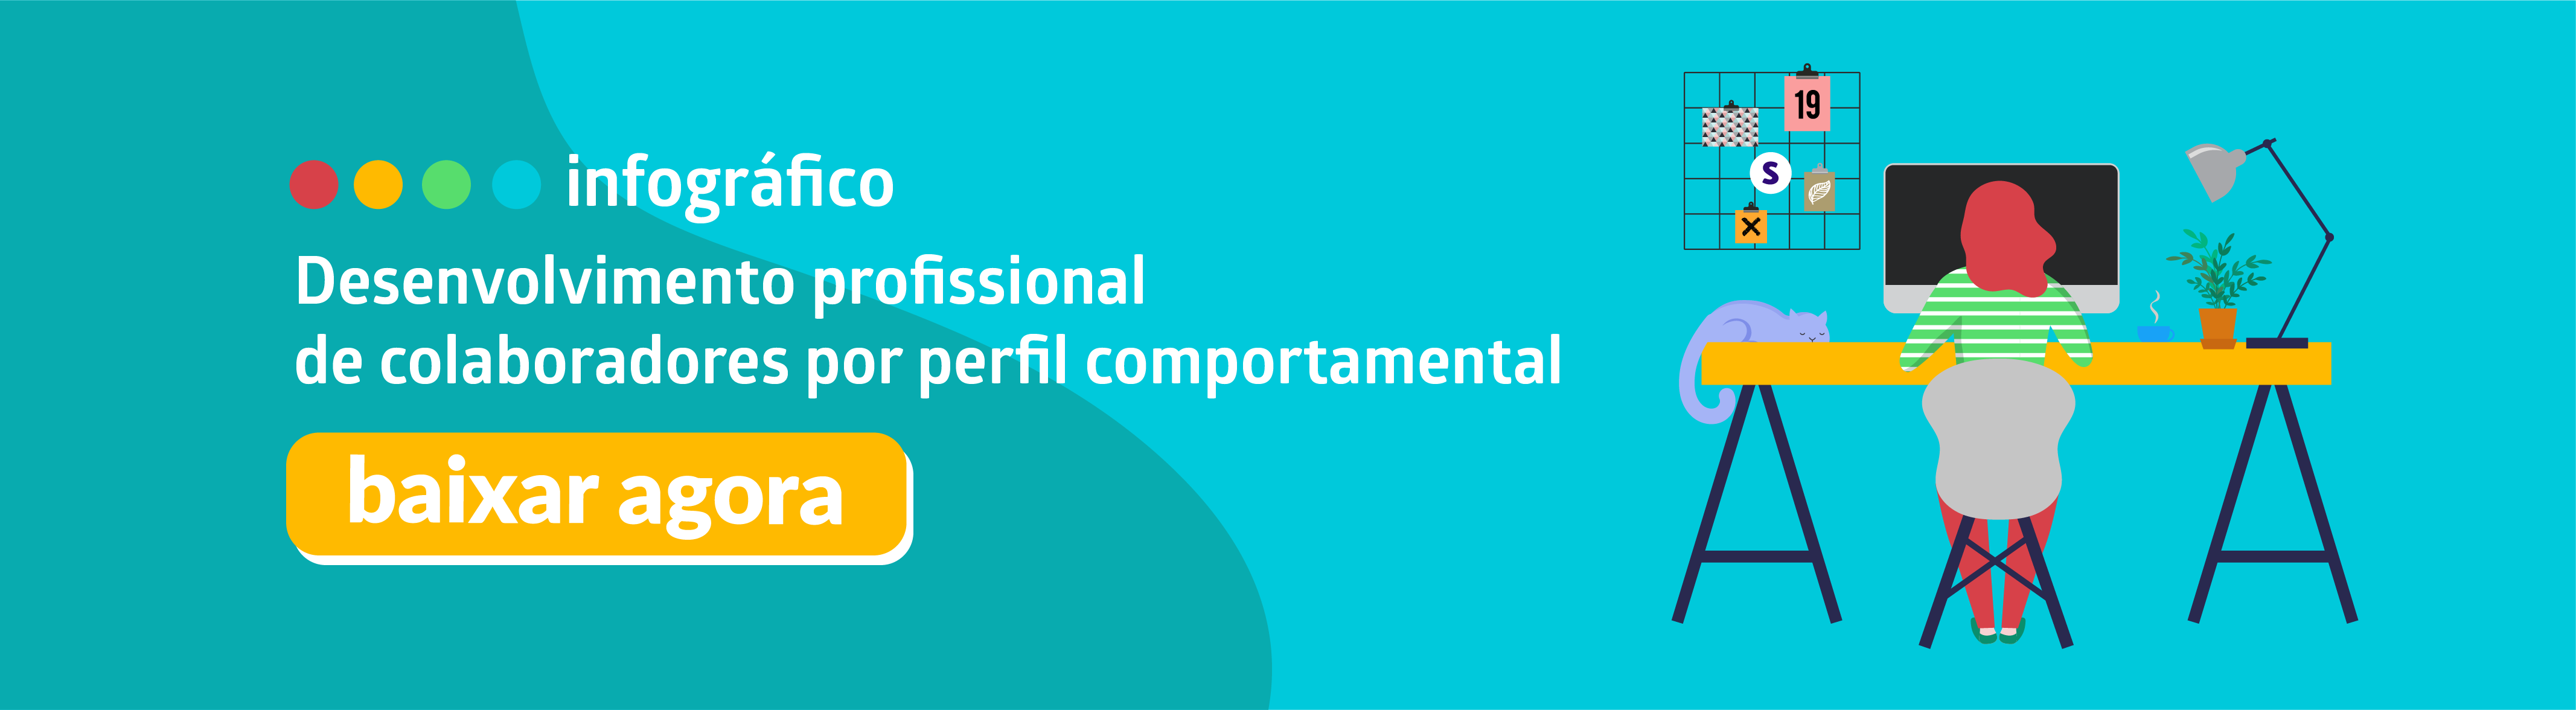 Banner_Desenvolvimento_Profissional_de_Colaboradores_Por_Perfil